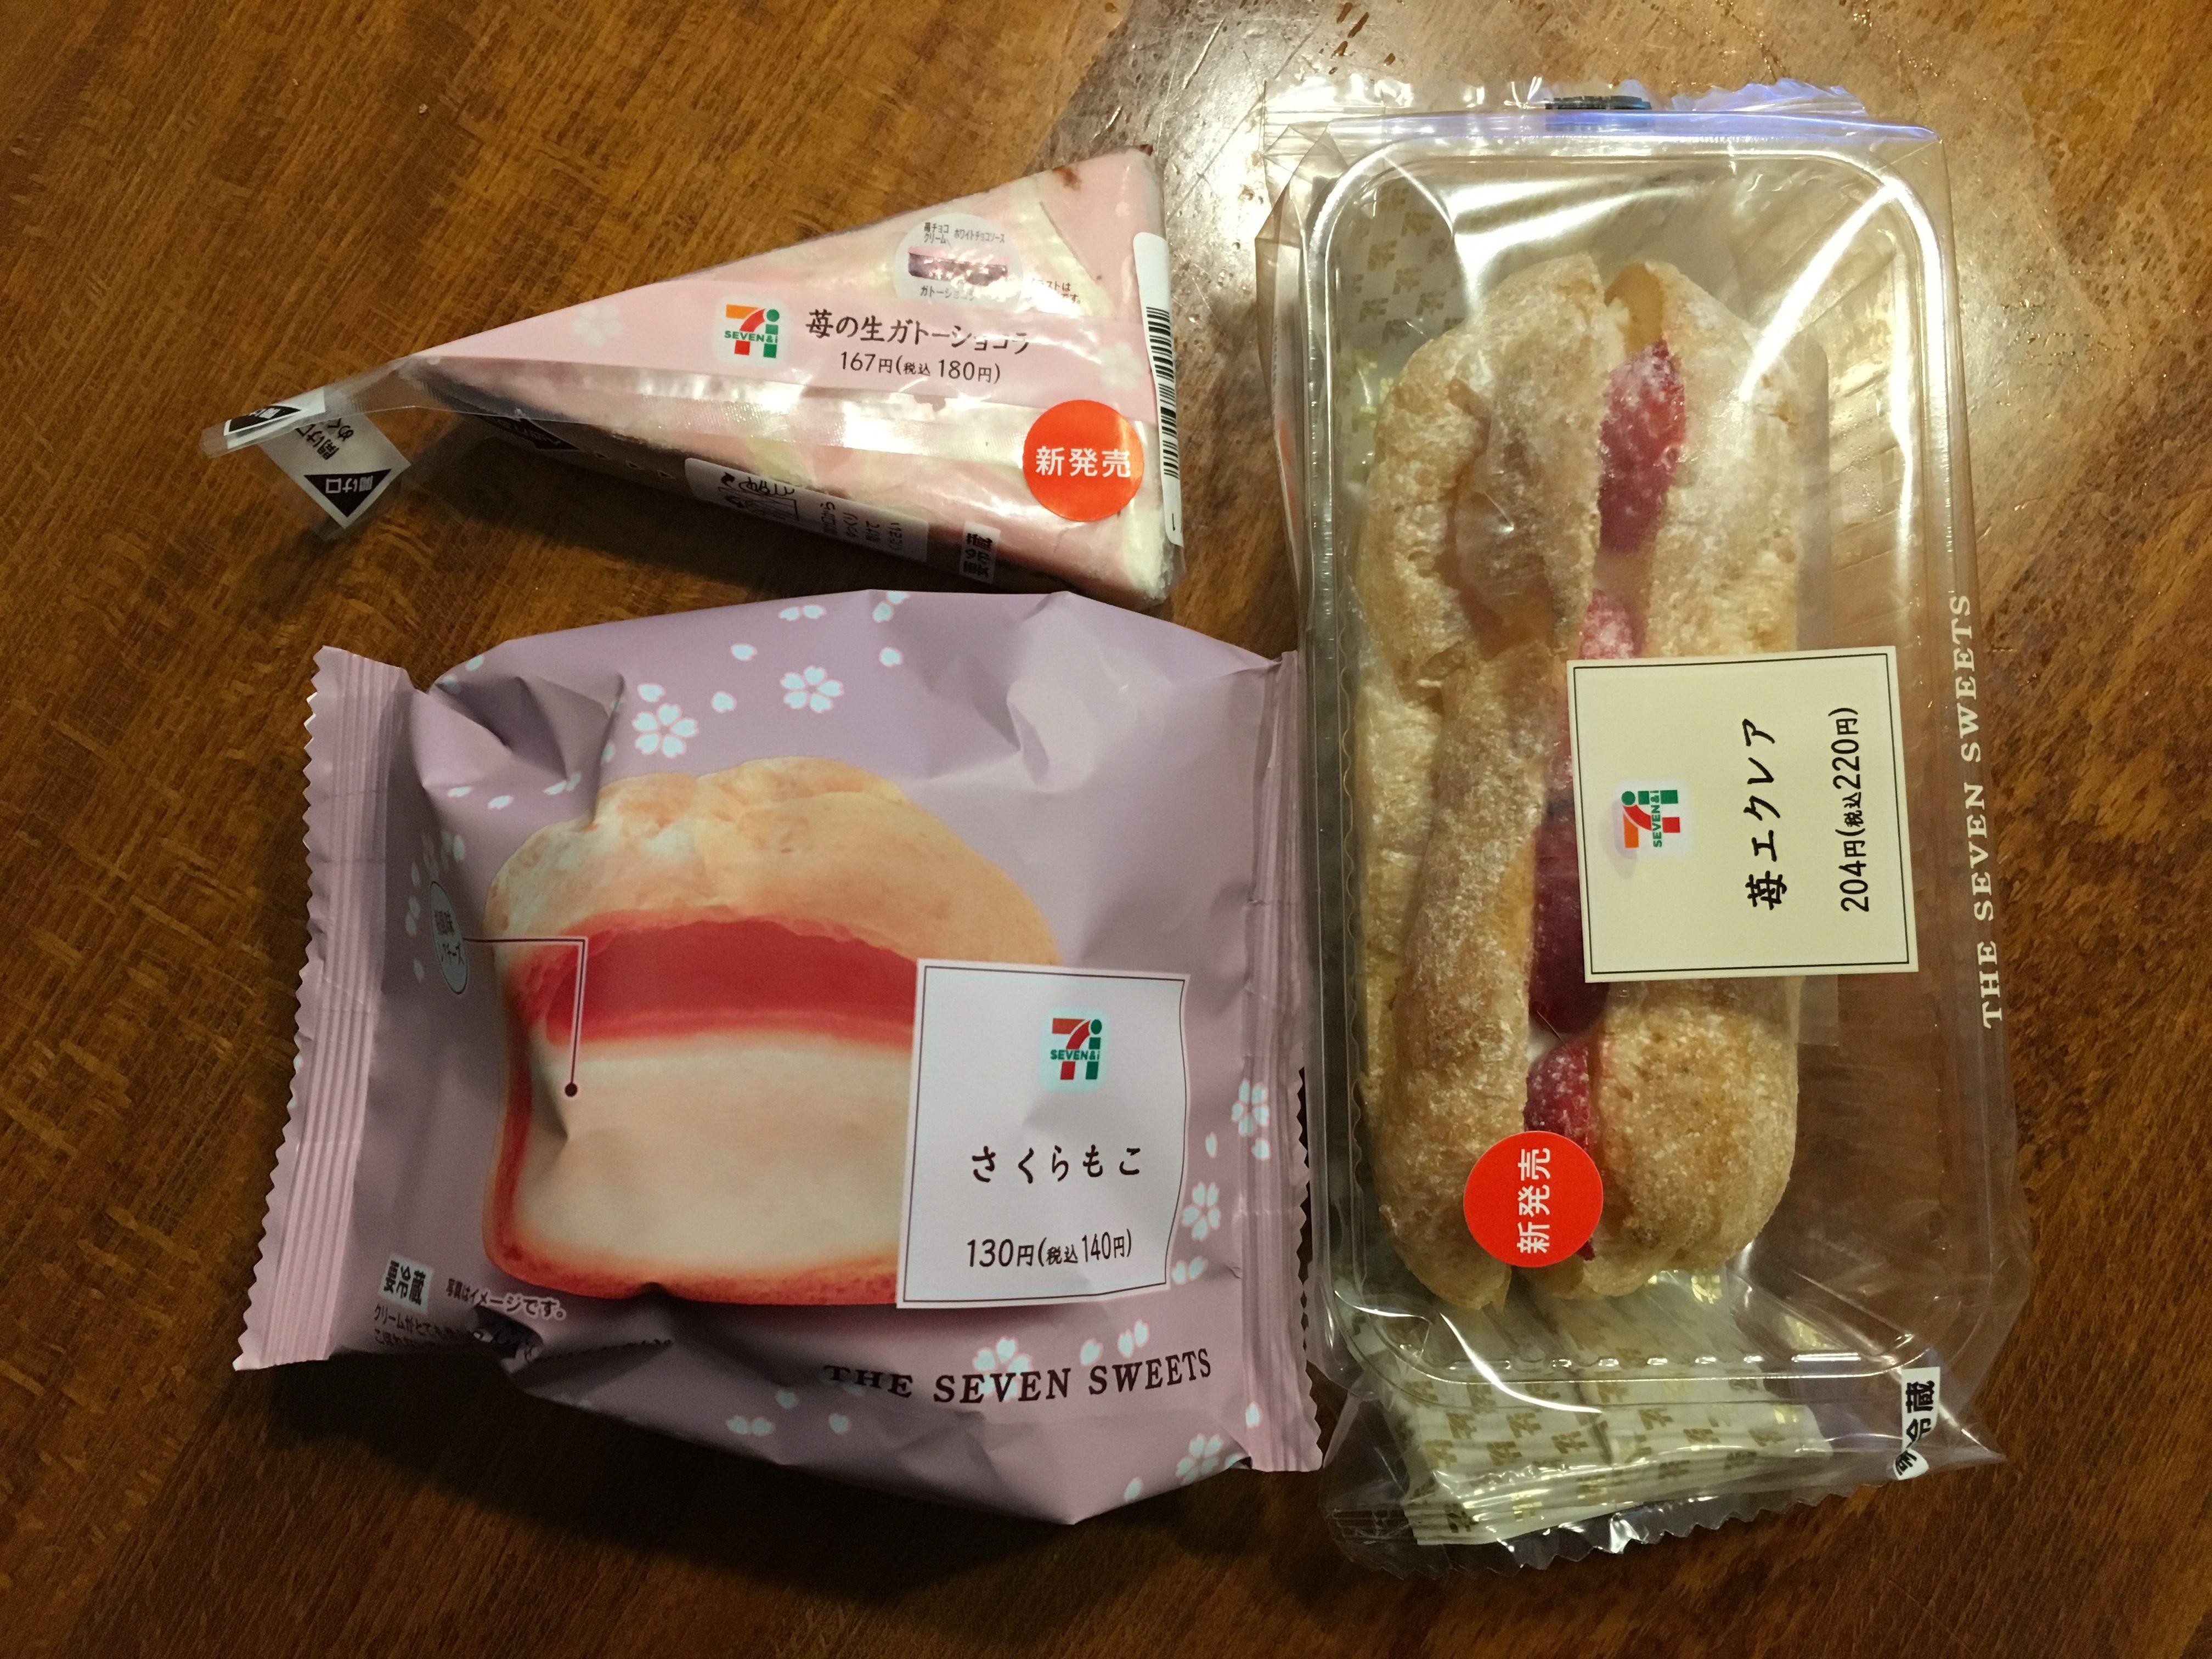 【セブンイレブン】ふんわりいちごの香る春の新作スイーツを実食!